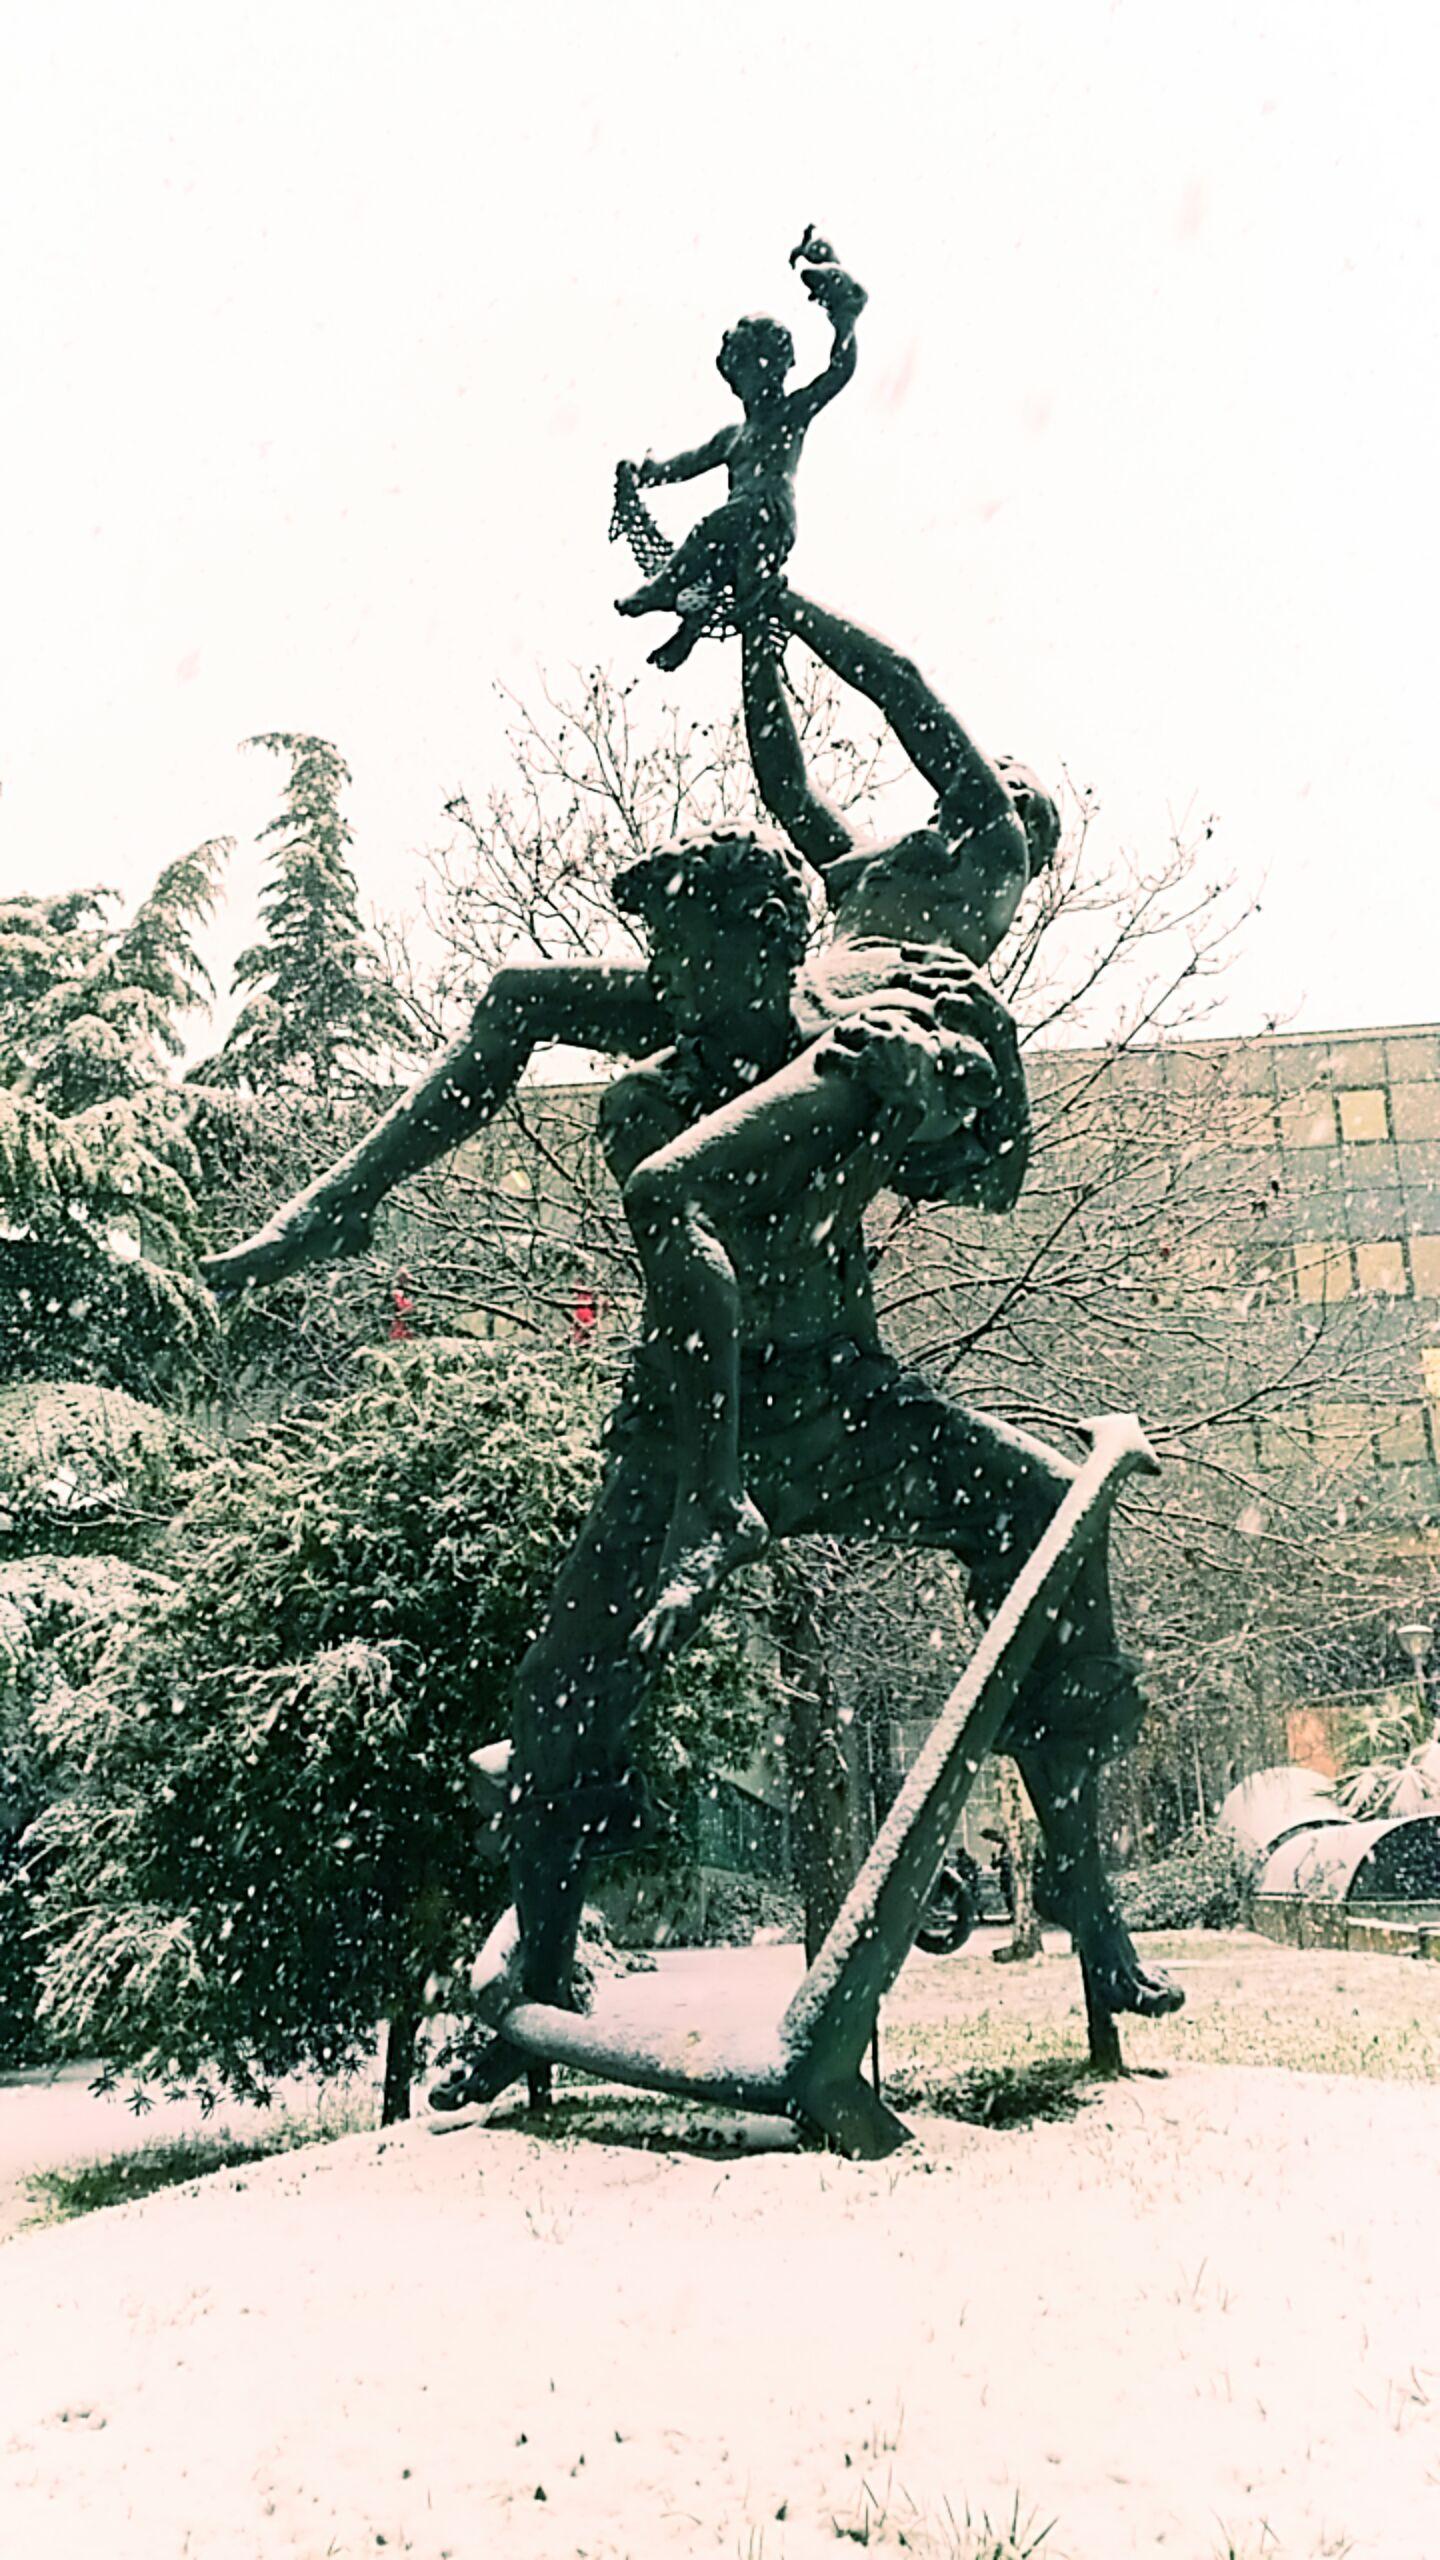 nevicata del 10 gennaio 2017